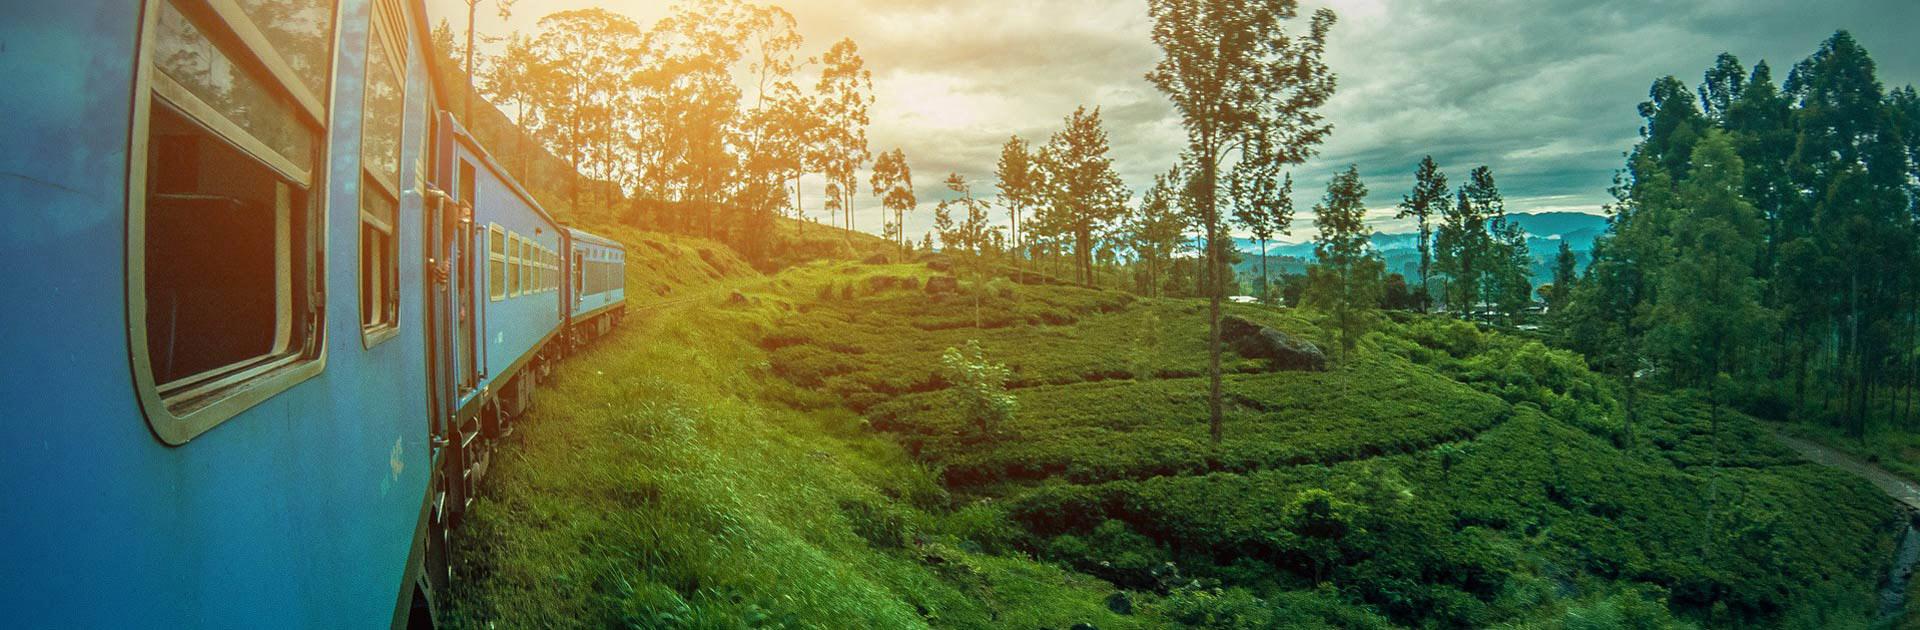 LK Sri Lanka imprescindible y playas 11 días 3